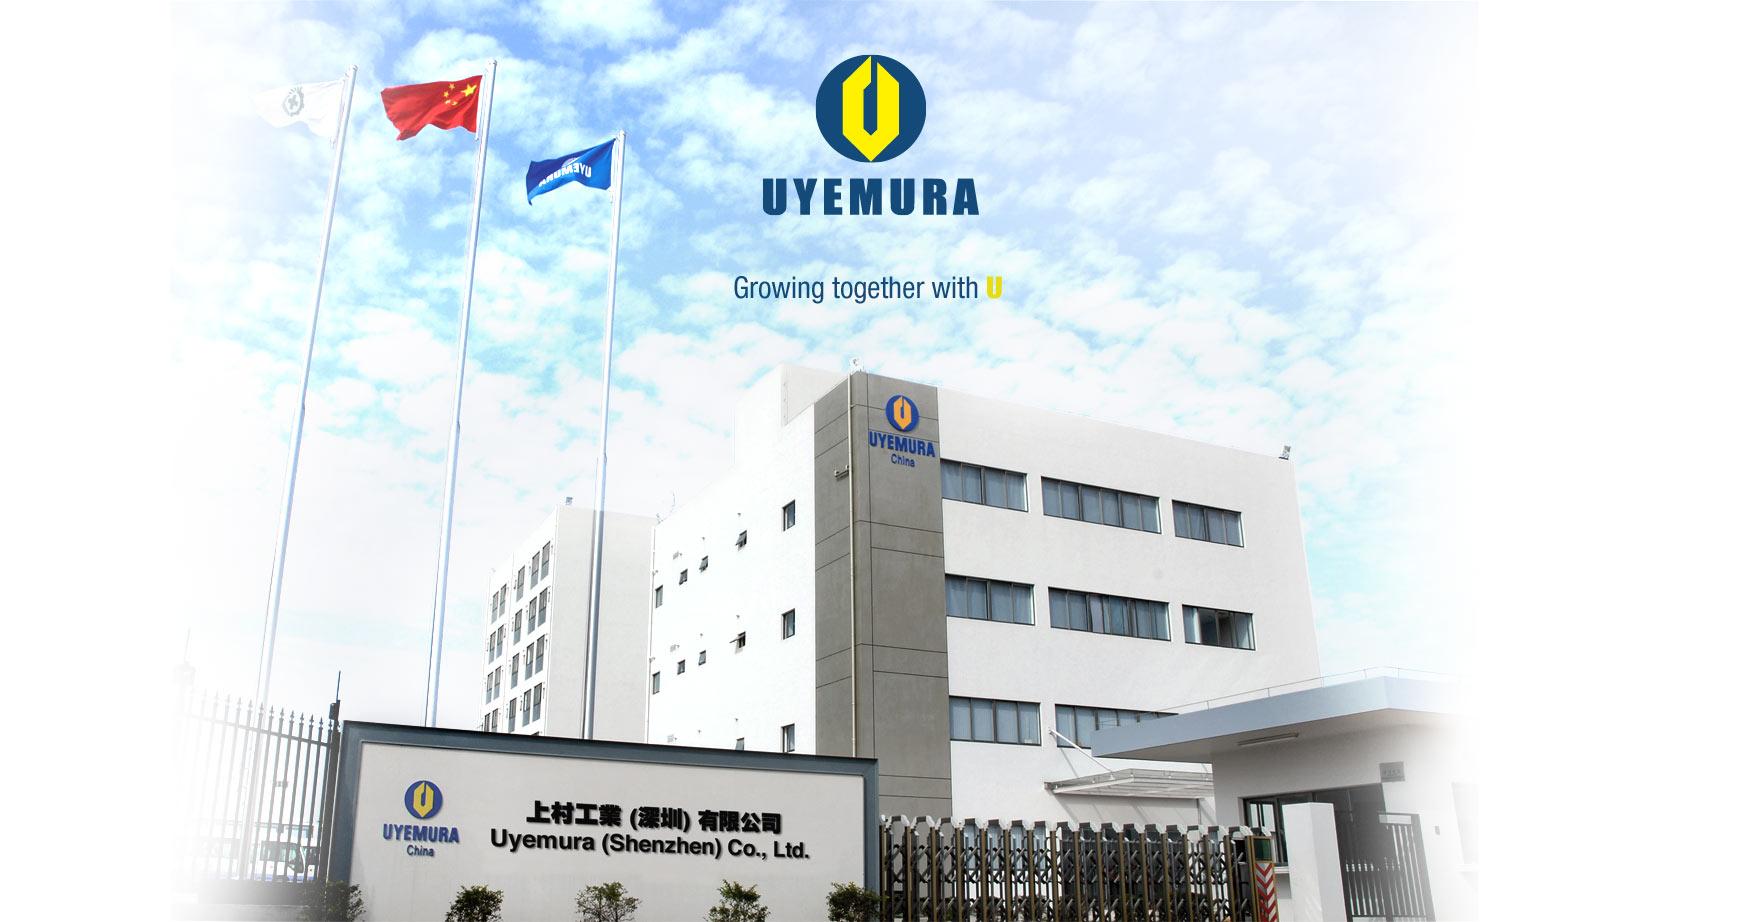 Welcome to Uyemura. 上村工业深圳有限公司成立于1988年,是上村香港有限公司全资拥有的附属公司。为业界提供表面处理化学药品及电镀设备,致力为中国内地及亚洲其他新兴市场的各行各业提供服务。